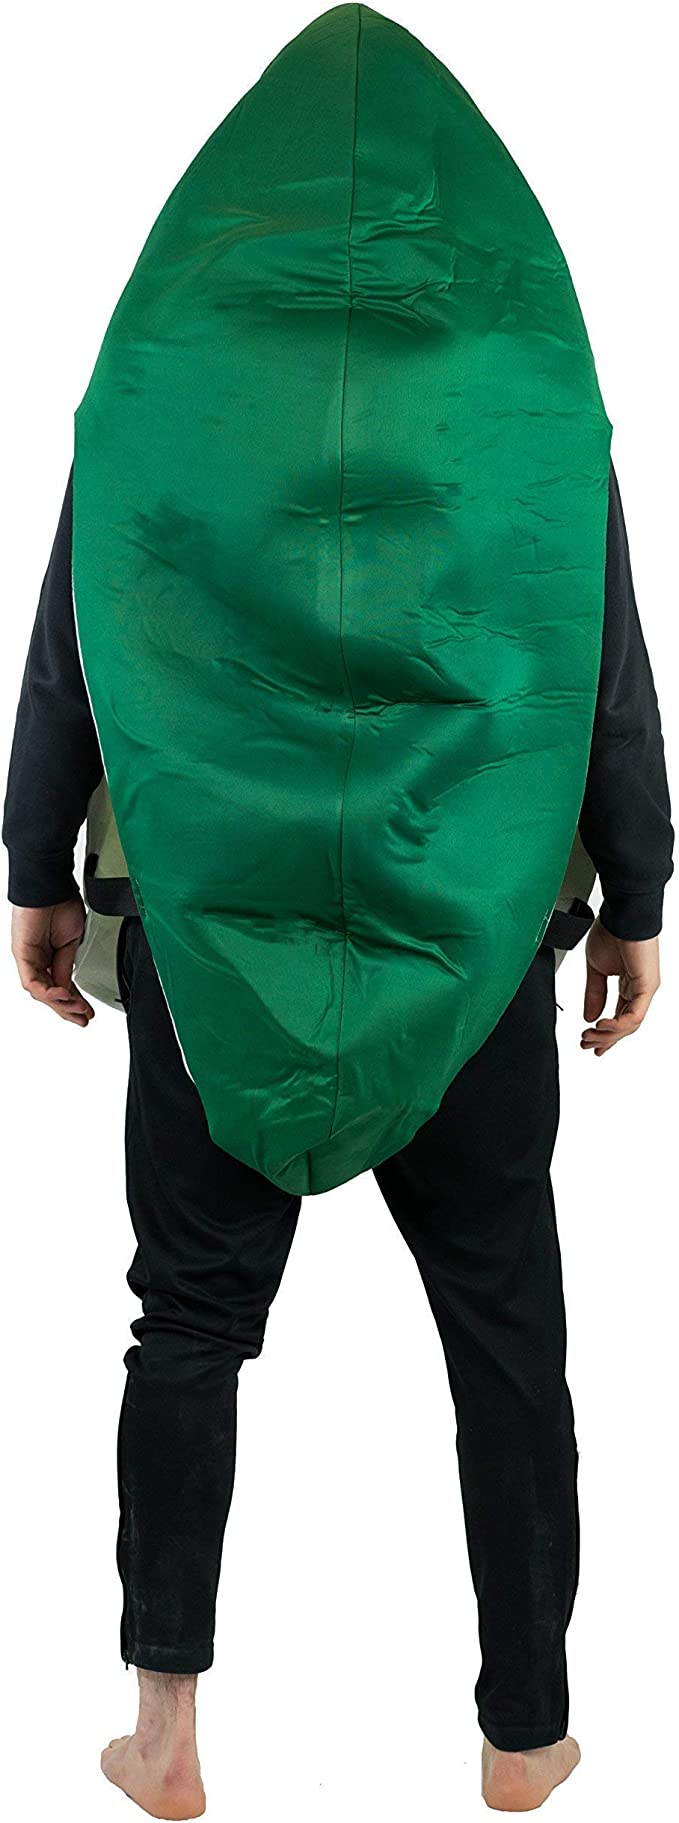 Bodysocks® Disfraz de Aguacate Adulto: Amazon.es: Juguetes y juegos